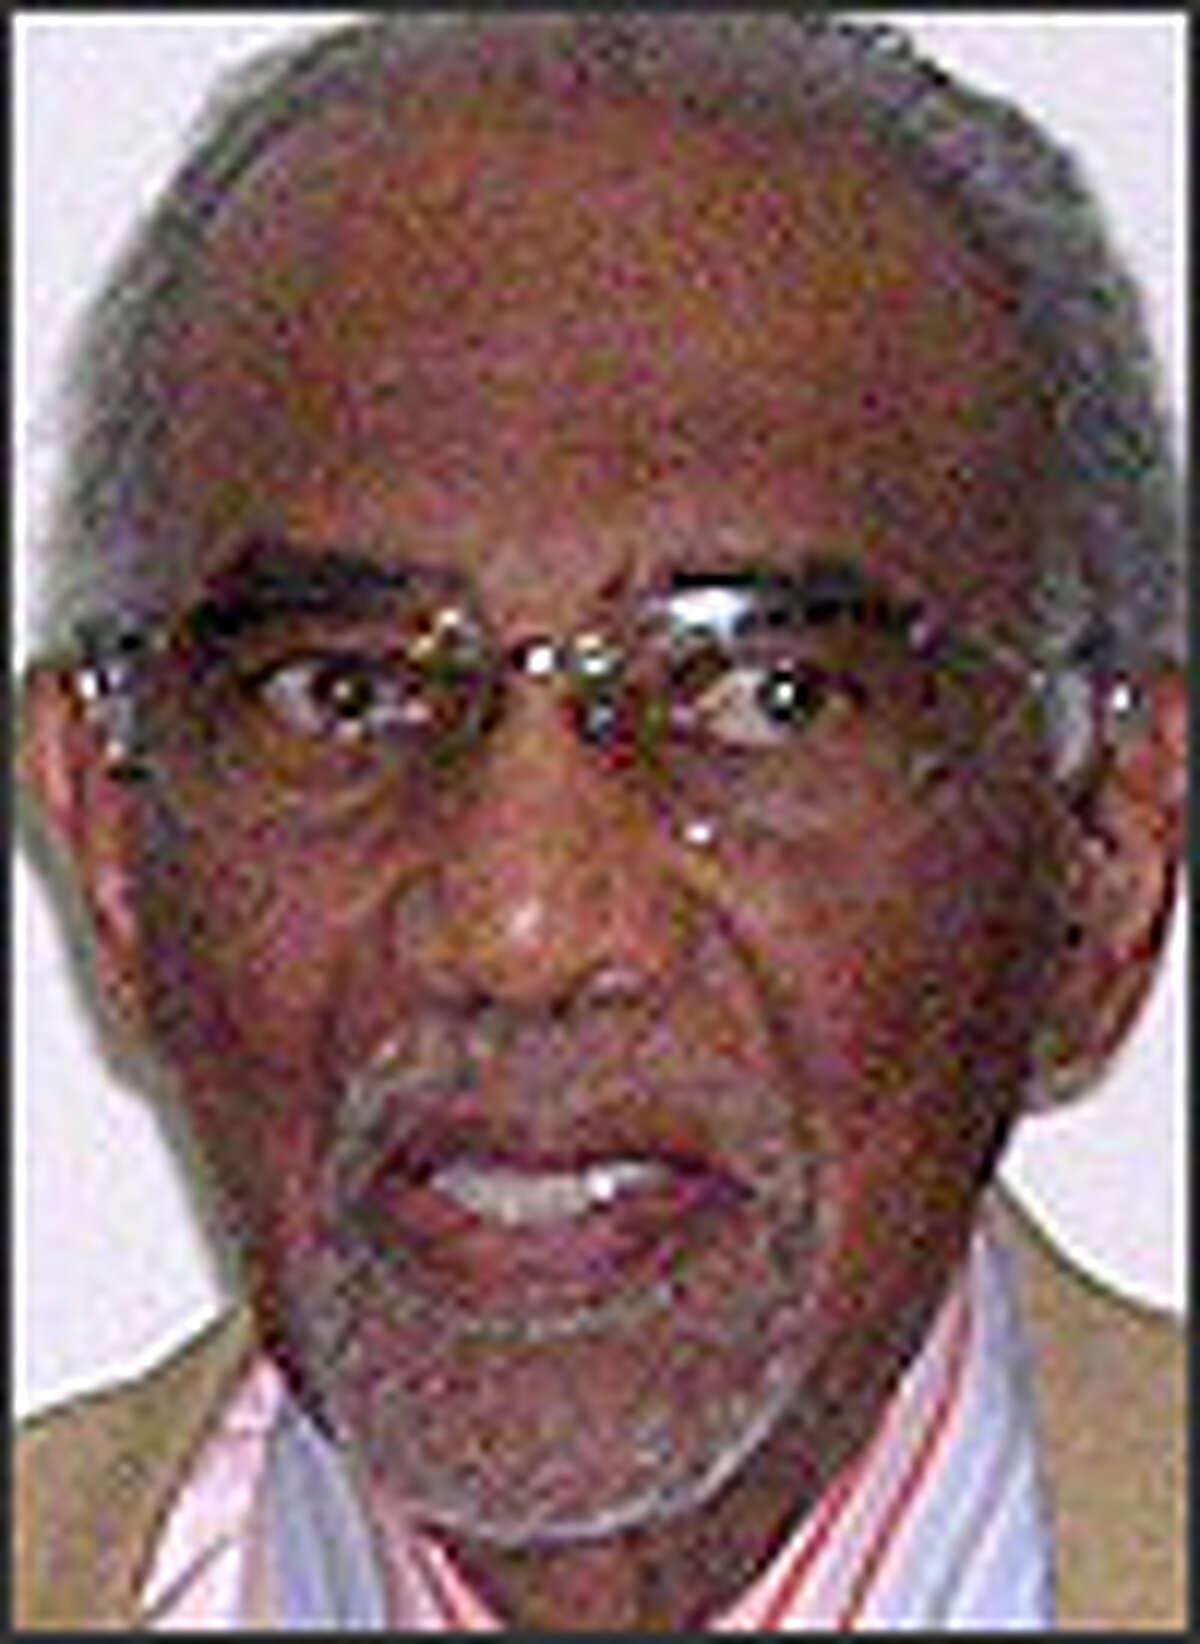 The Rev. Samuel B. McKinney: a galvanizer